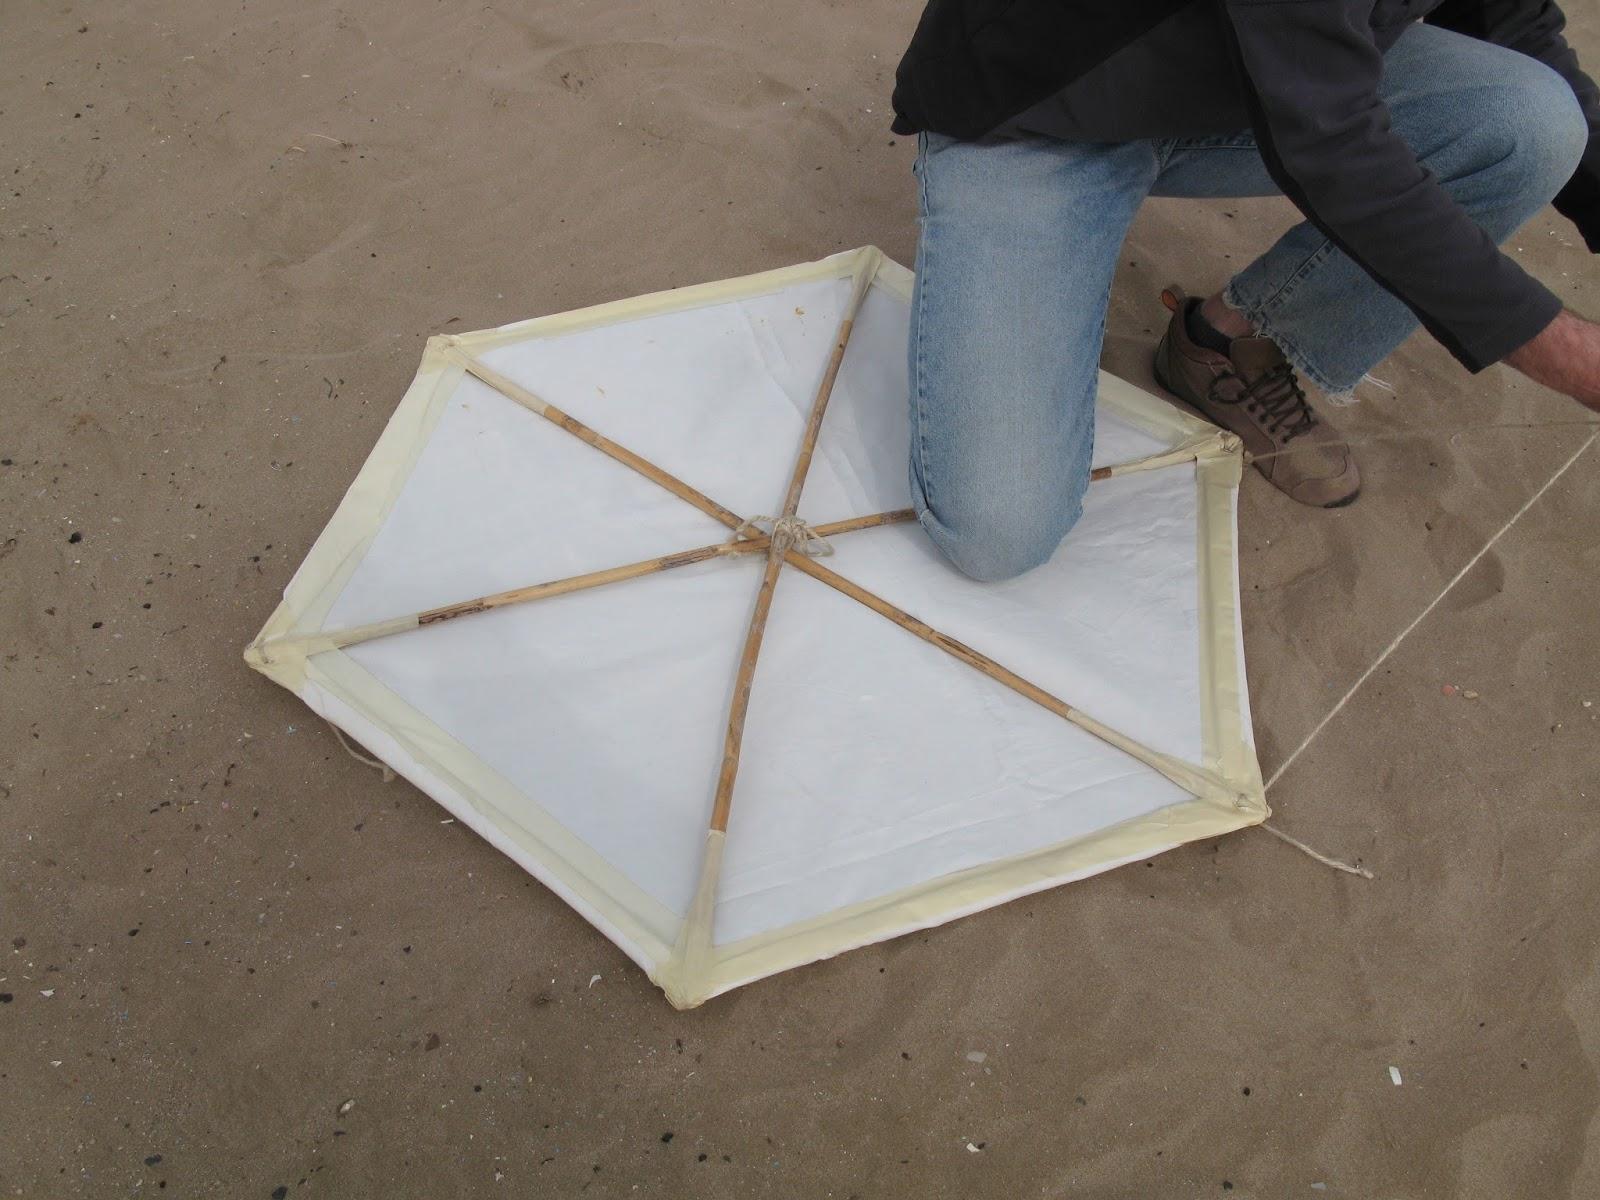 Cómo Construir Una Cometa Hexagonal Con Materiales Reciclados Cometas Al Sol